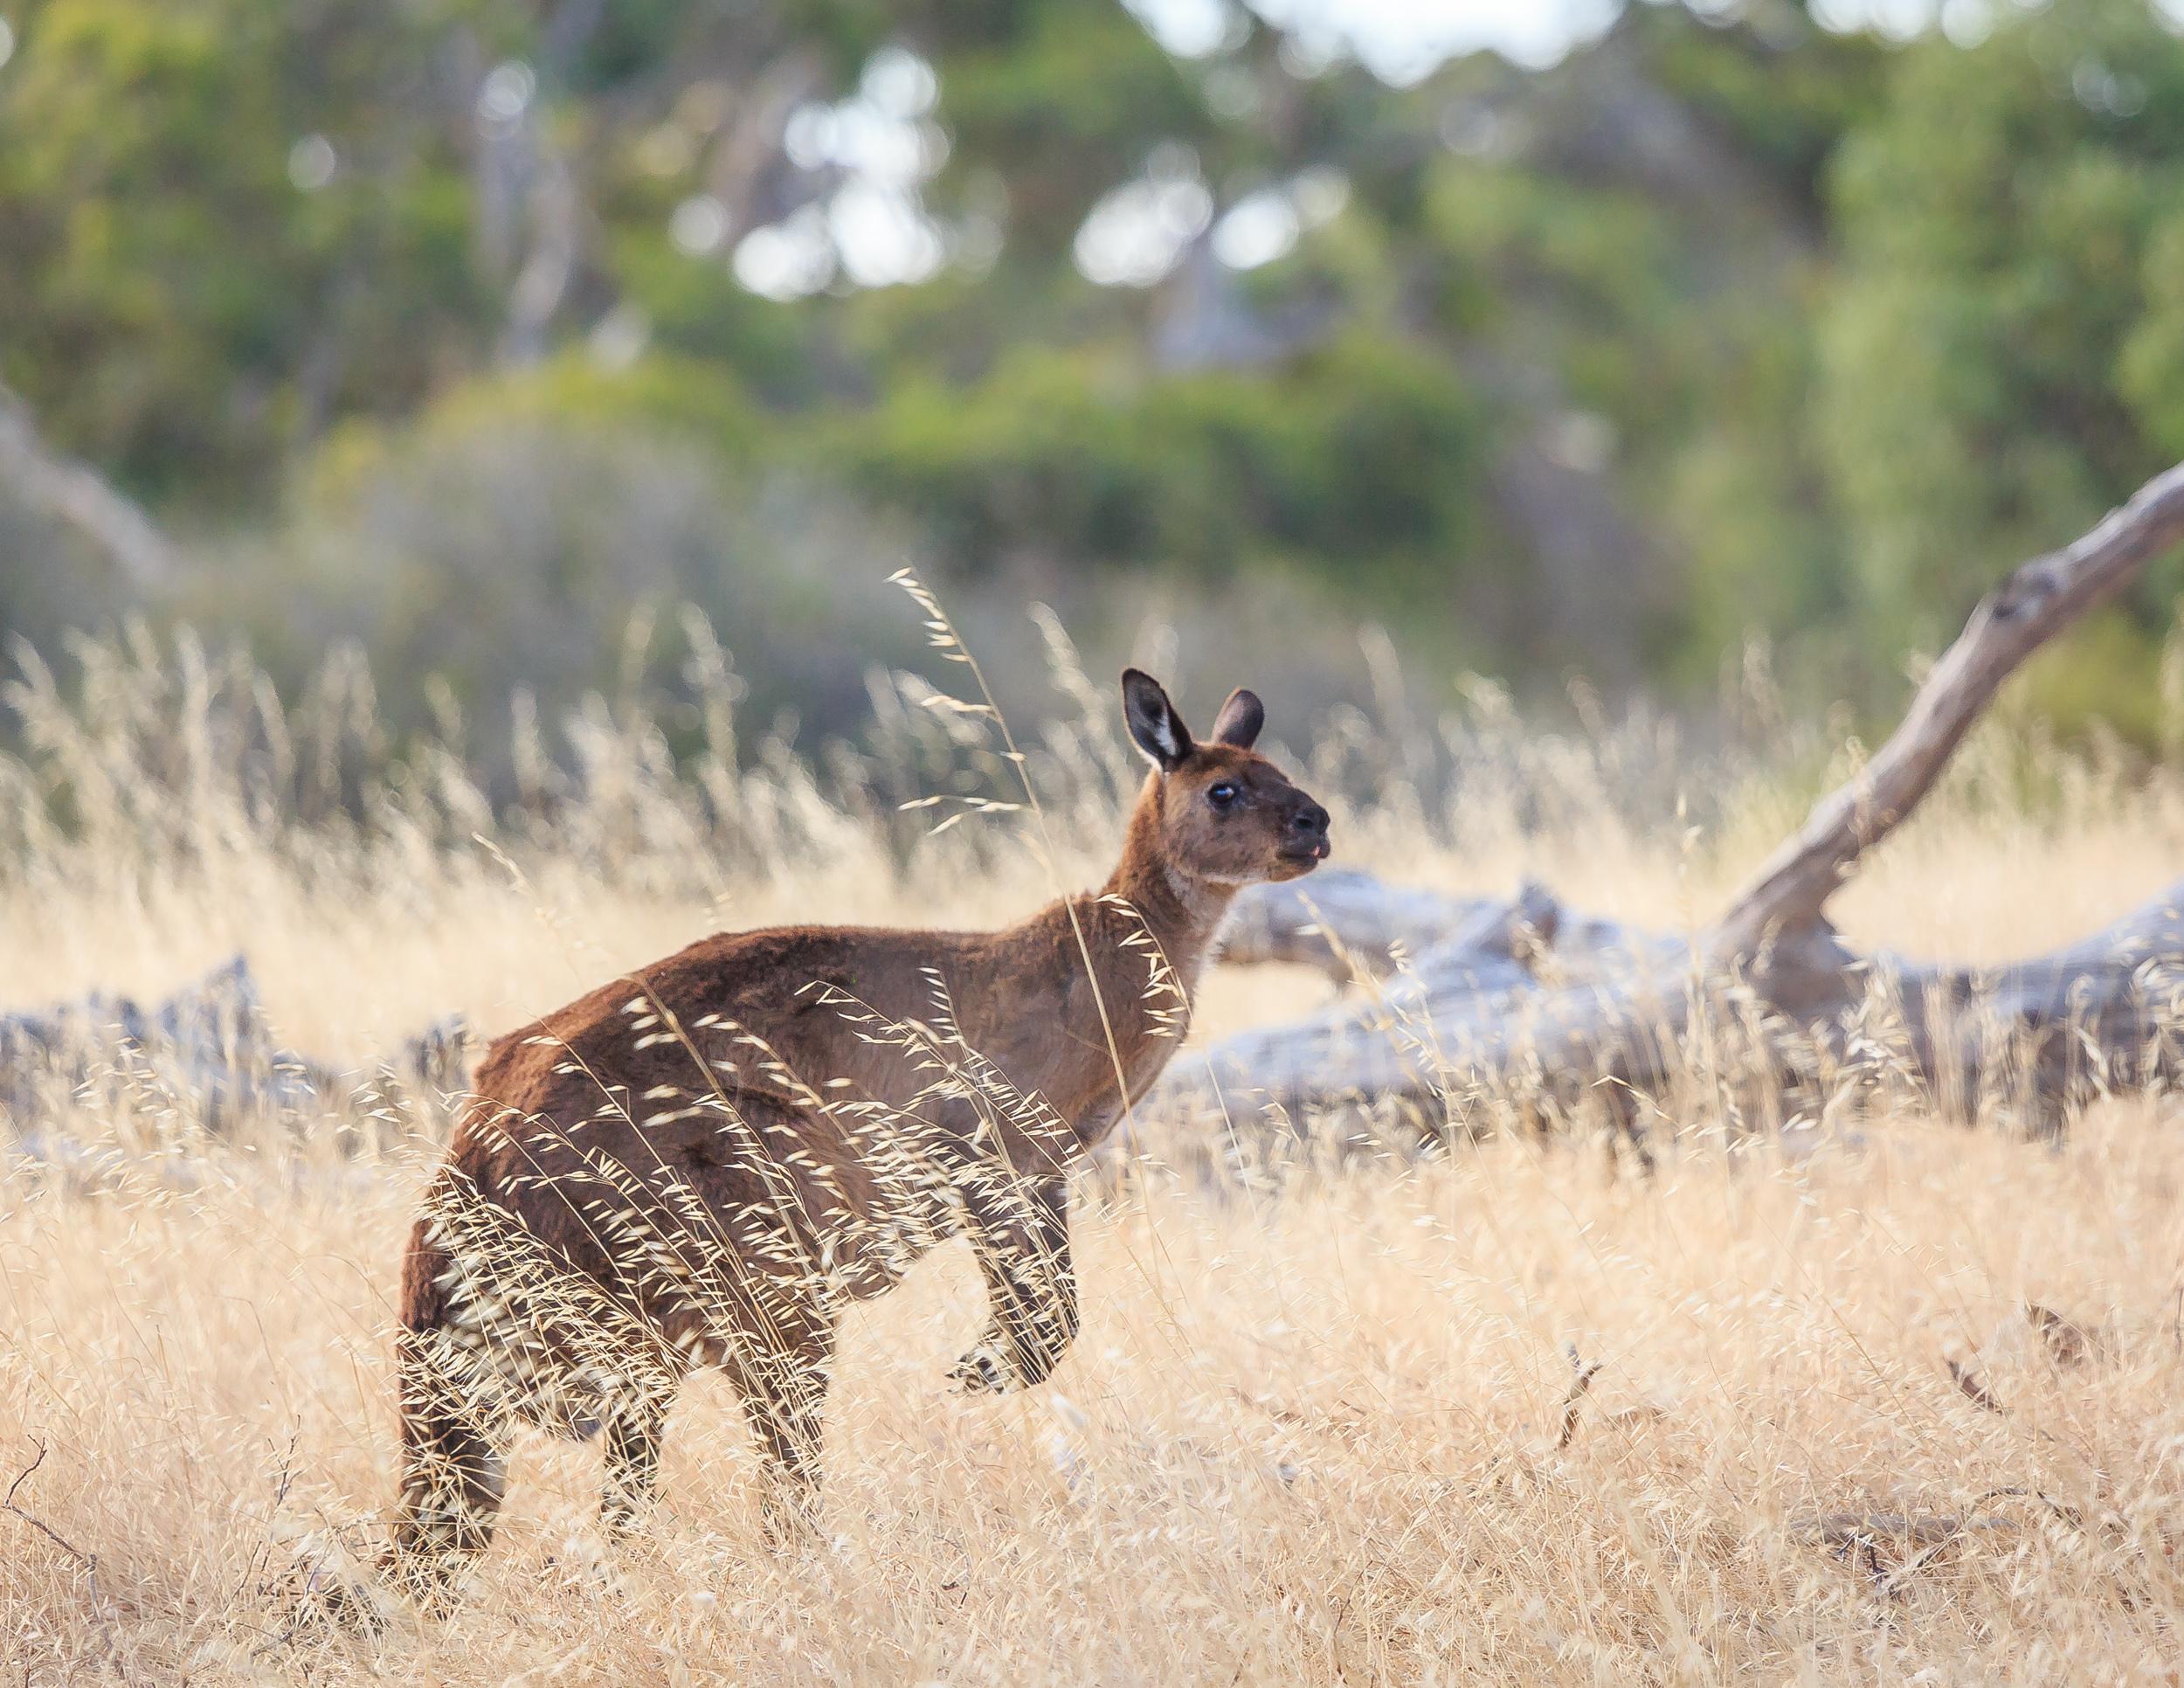 Things to do in Kangaroo Island: Spot Kangaroos